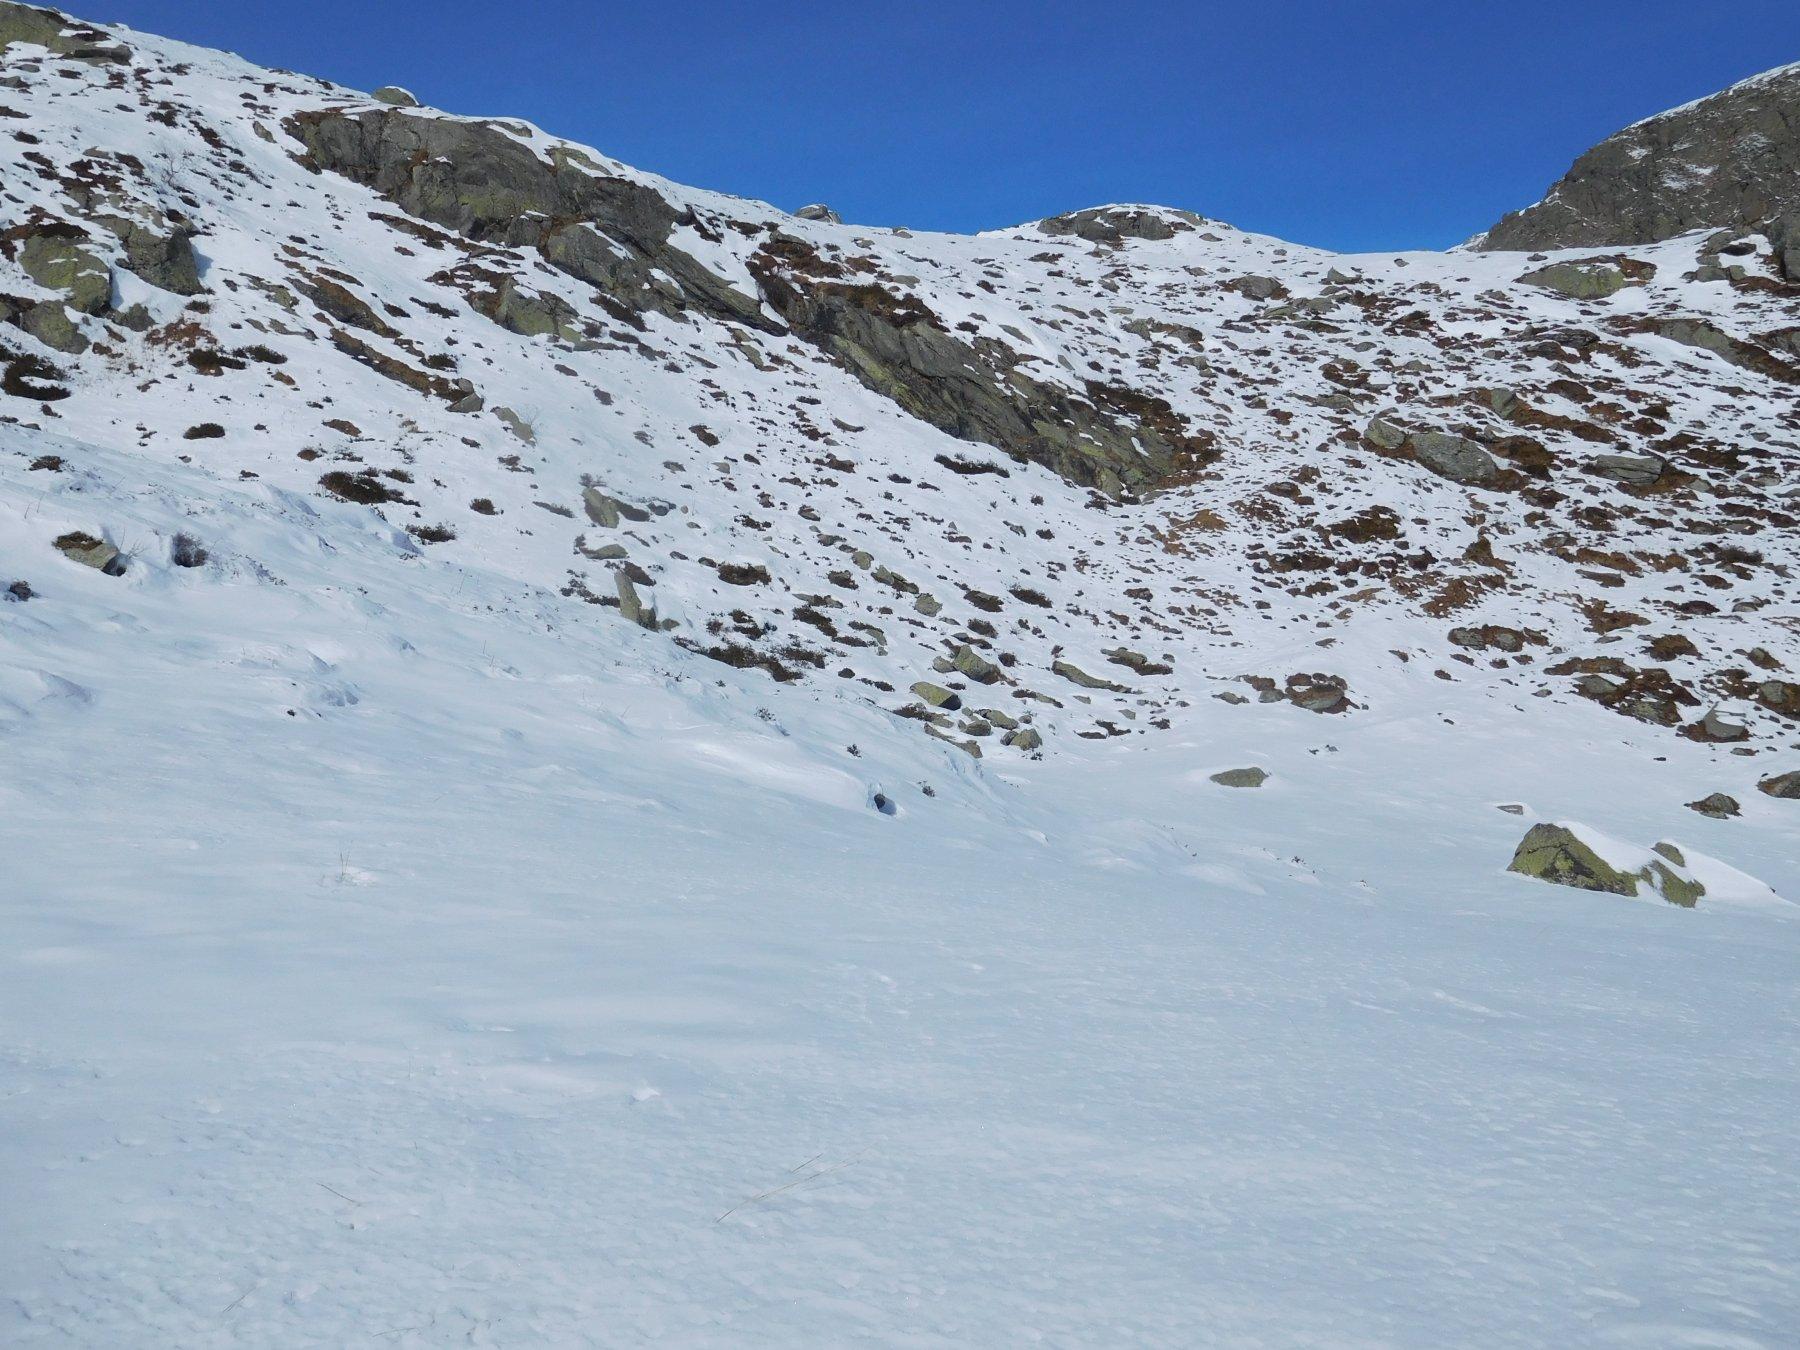 La parte critica: in salita fattibile, in discesa serve levarsi gli sci per una cinquantina di metri di dislivello